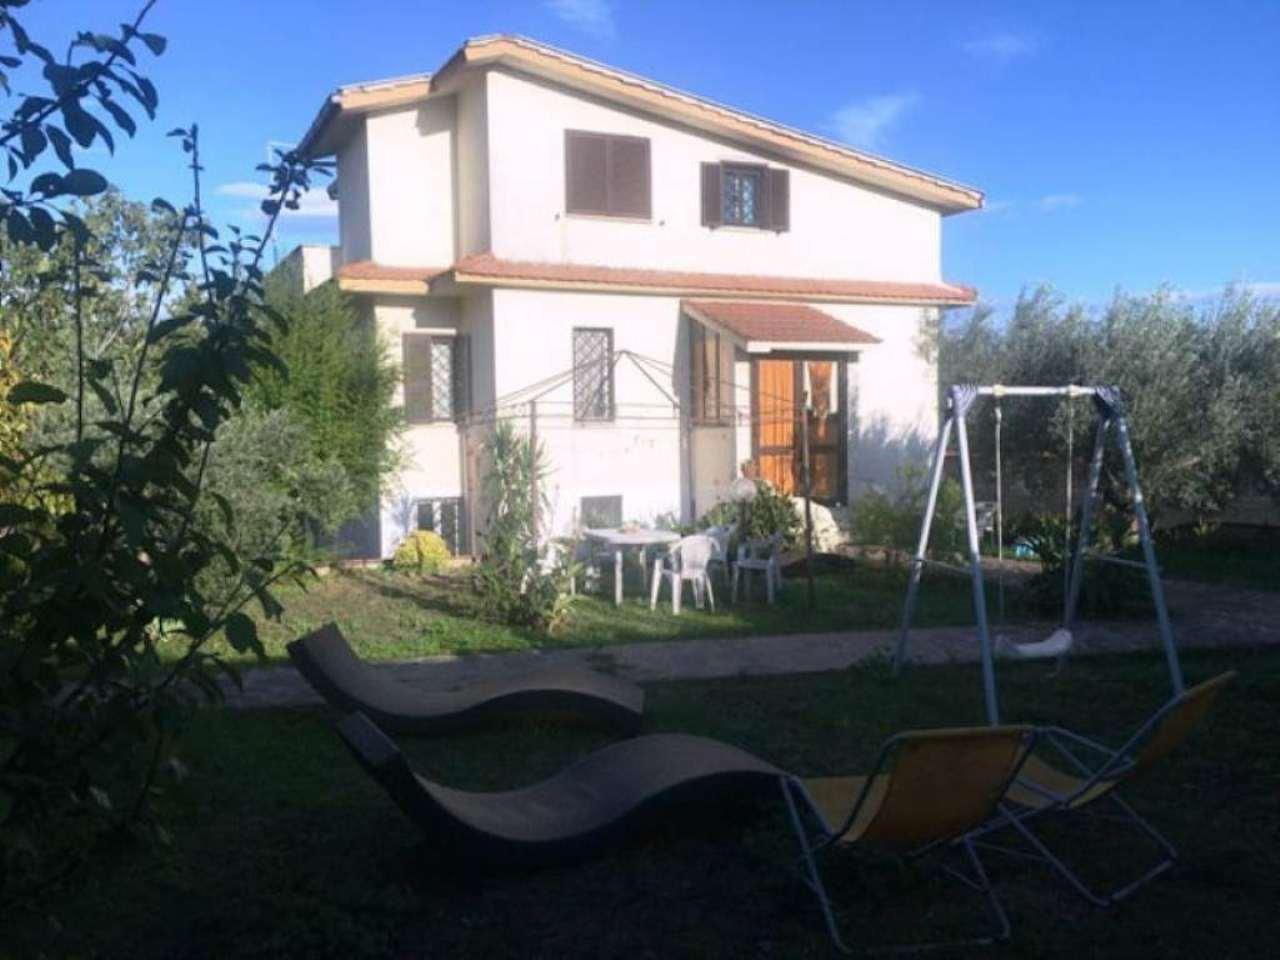 Villa in vendita a Roma, 7 locali, zona Zona: 34 . Bufalotta, Sette Bagni, Casal Boccone, Casale Monastero, Settecamini, prezzo € 399.000   CambioCasa.it